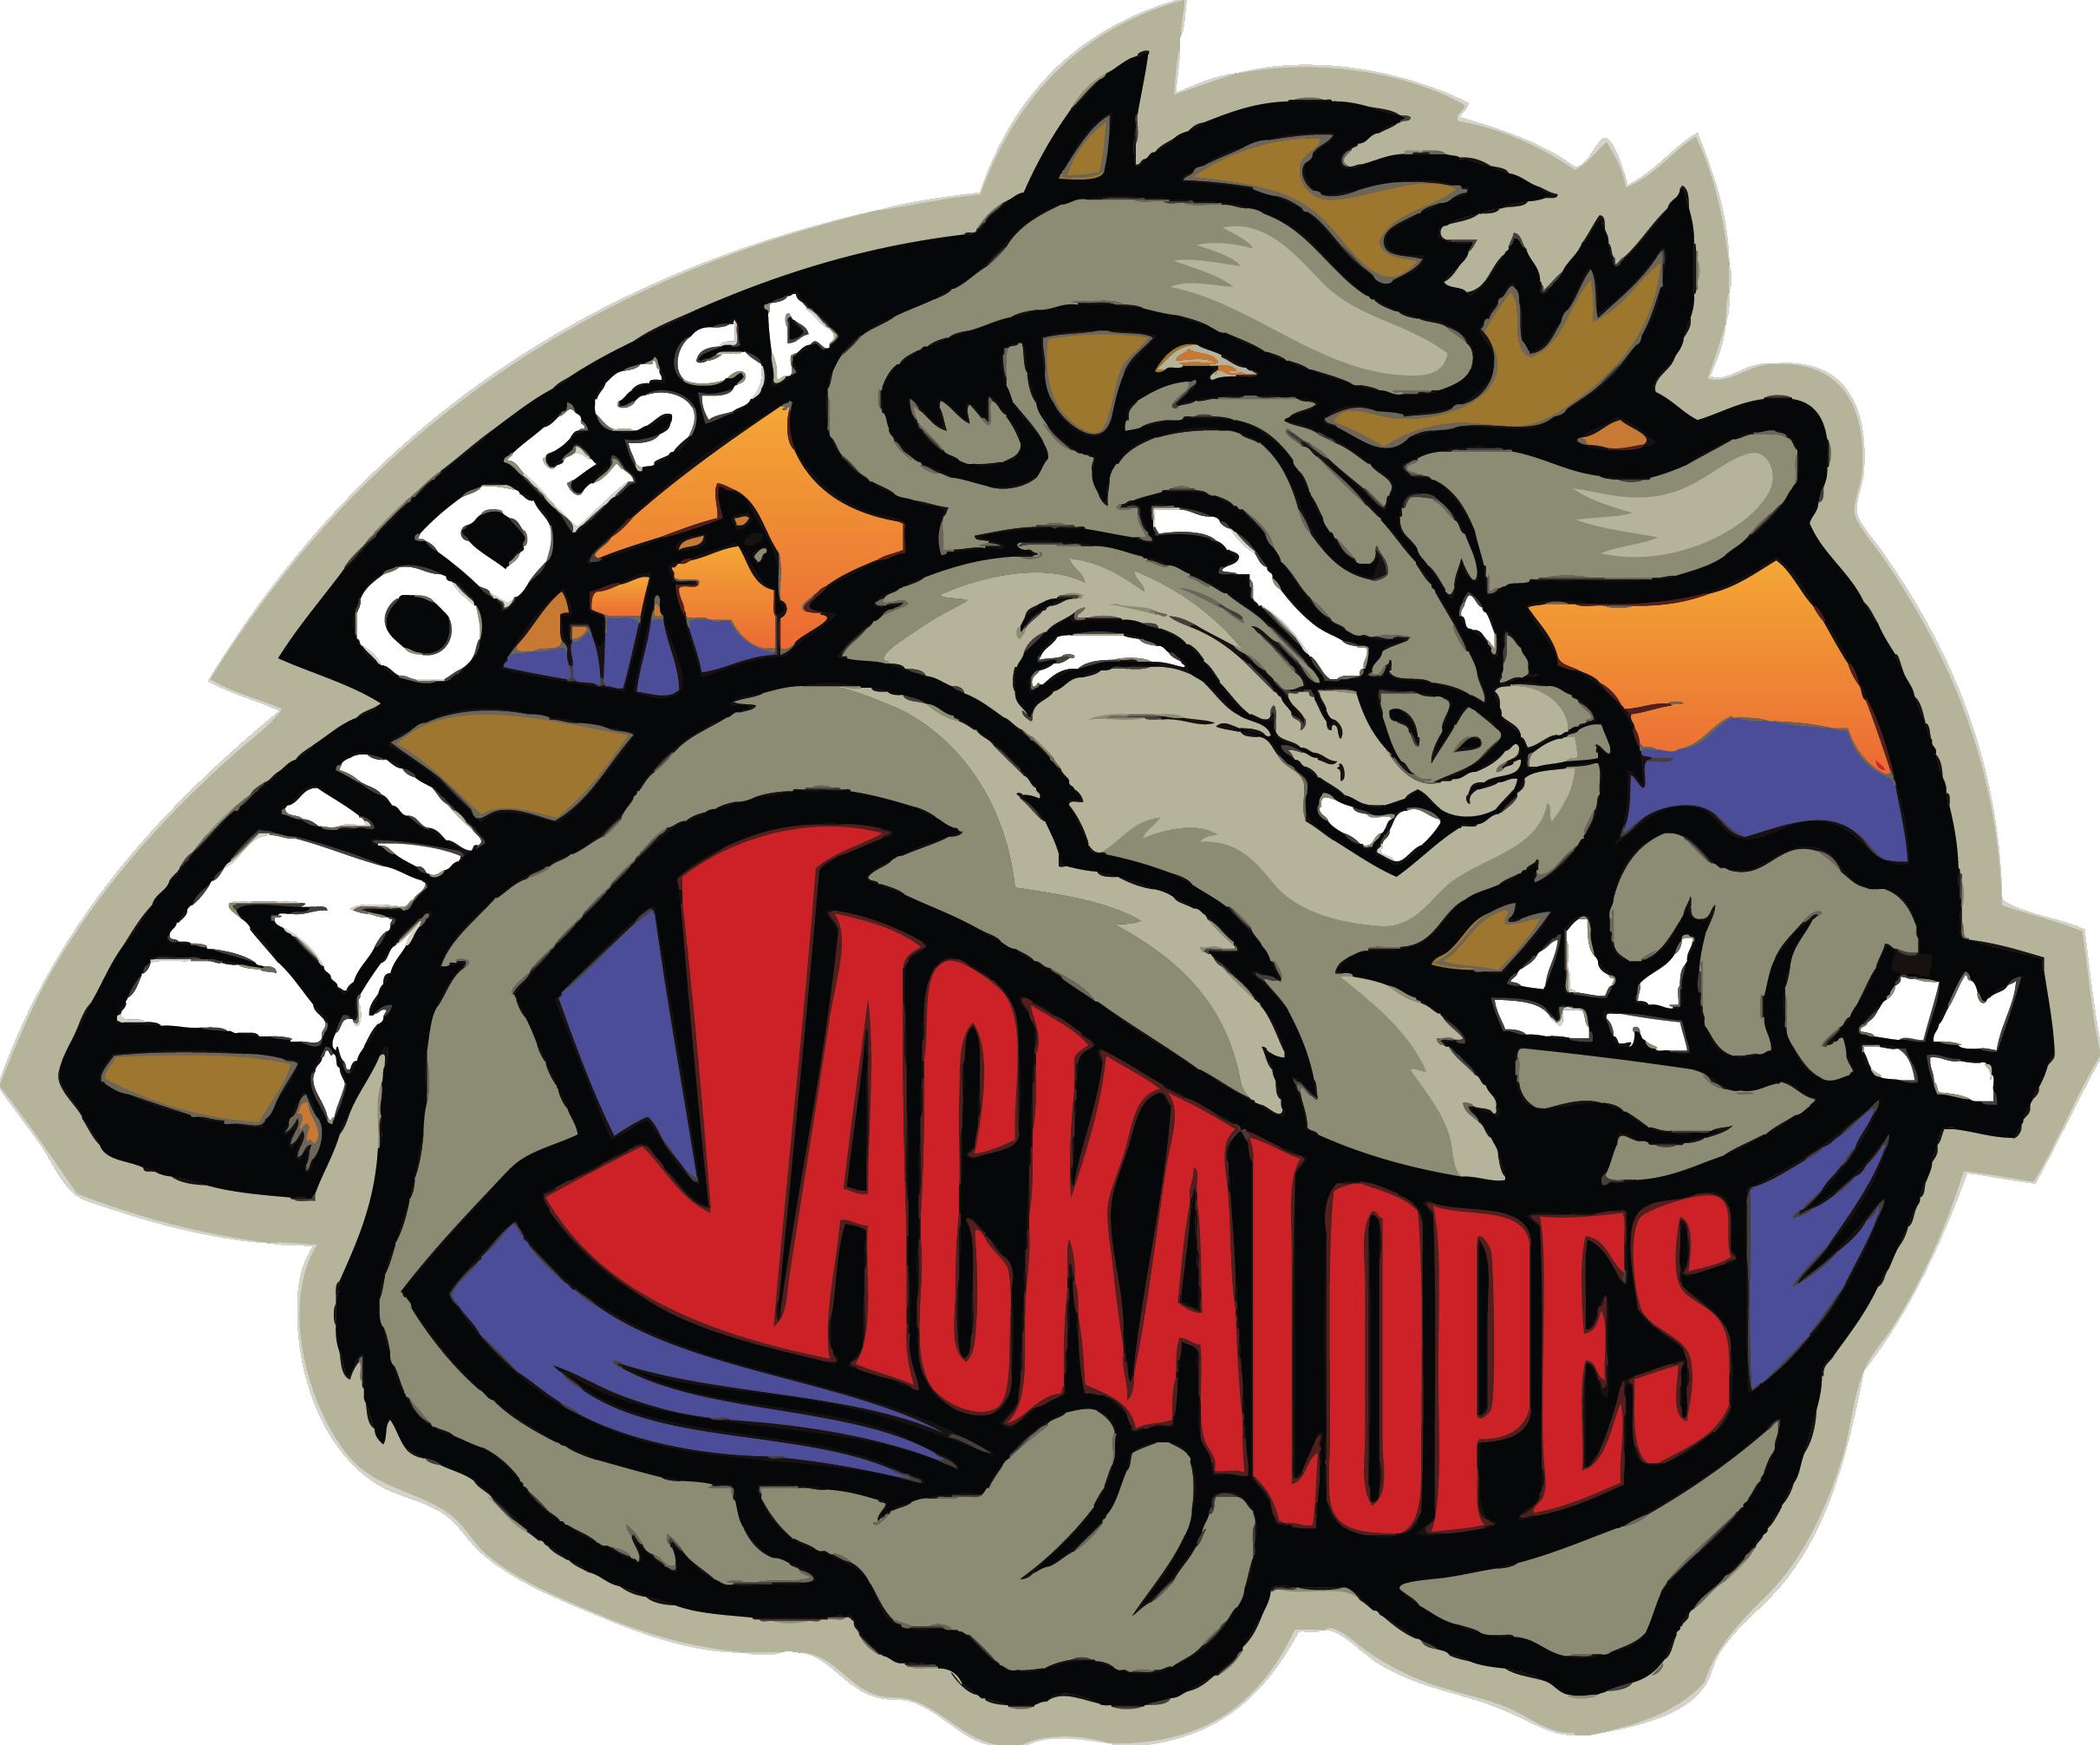 Odess-Jackalopes.png